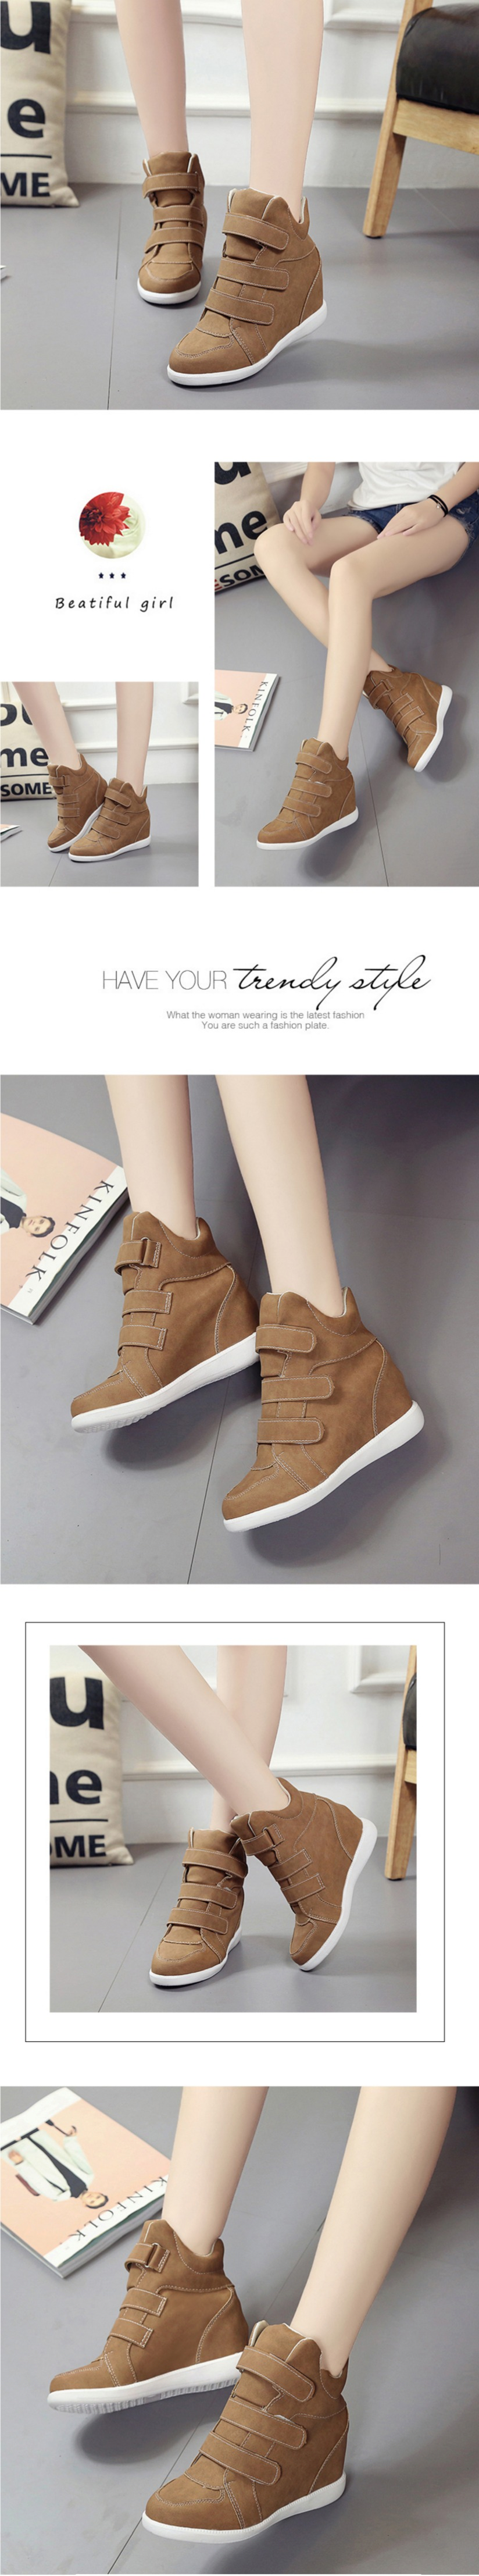 รองเท้าผ้าใบส้นสูง Velcro หนัง PU